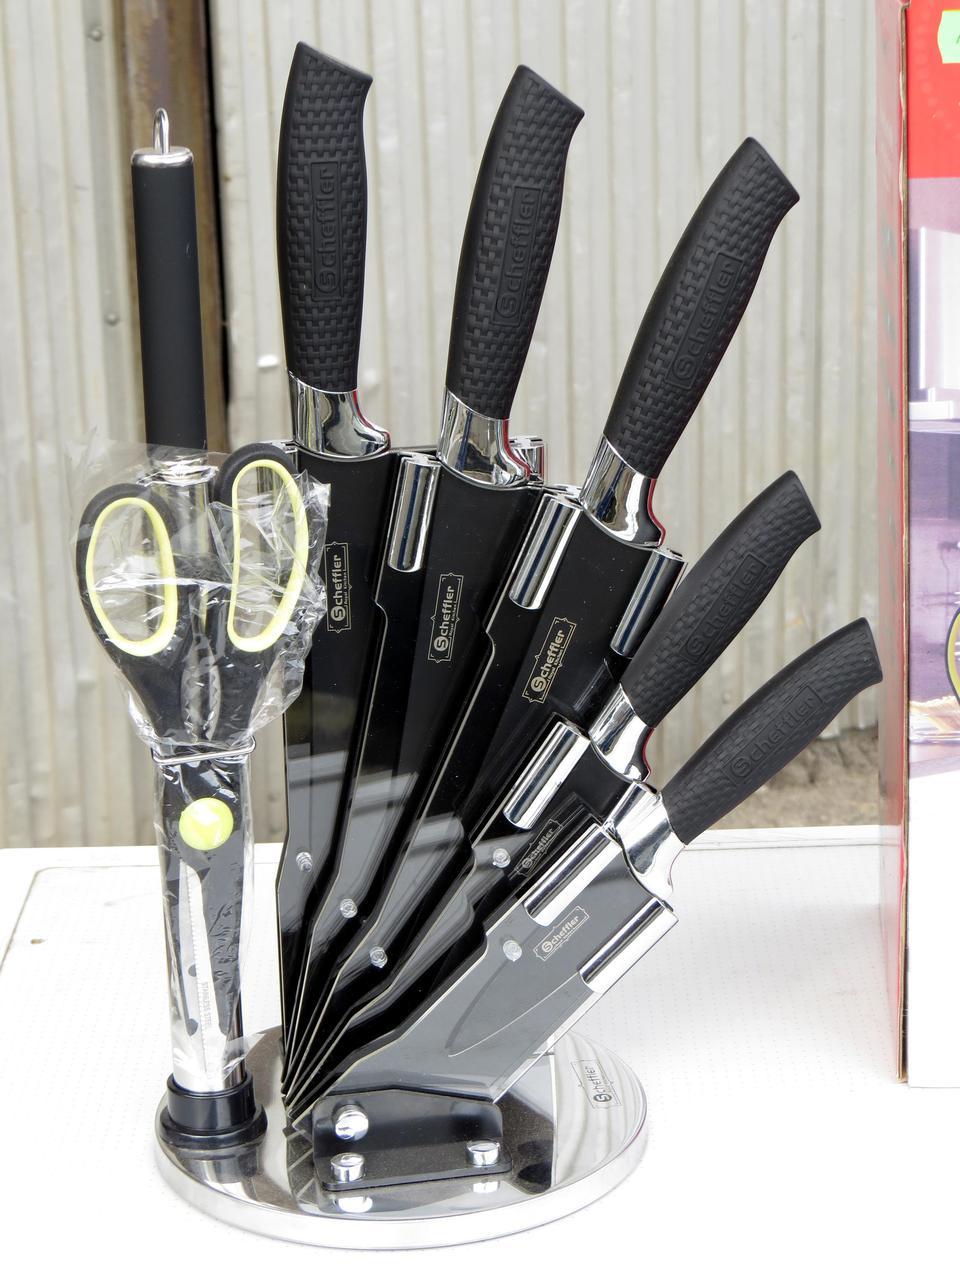 Набор Ножей 8 Единиц Scheffler MH-6008 (Код:1479) Состояние: НОВОЕ